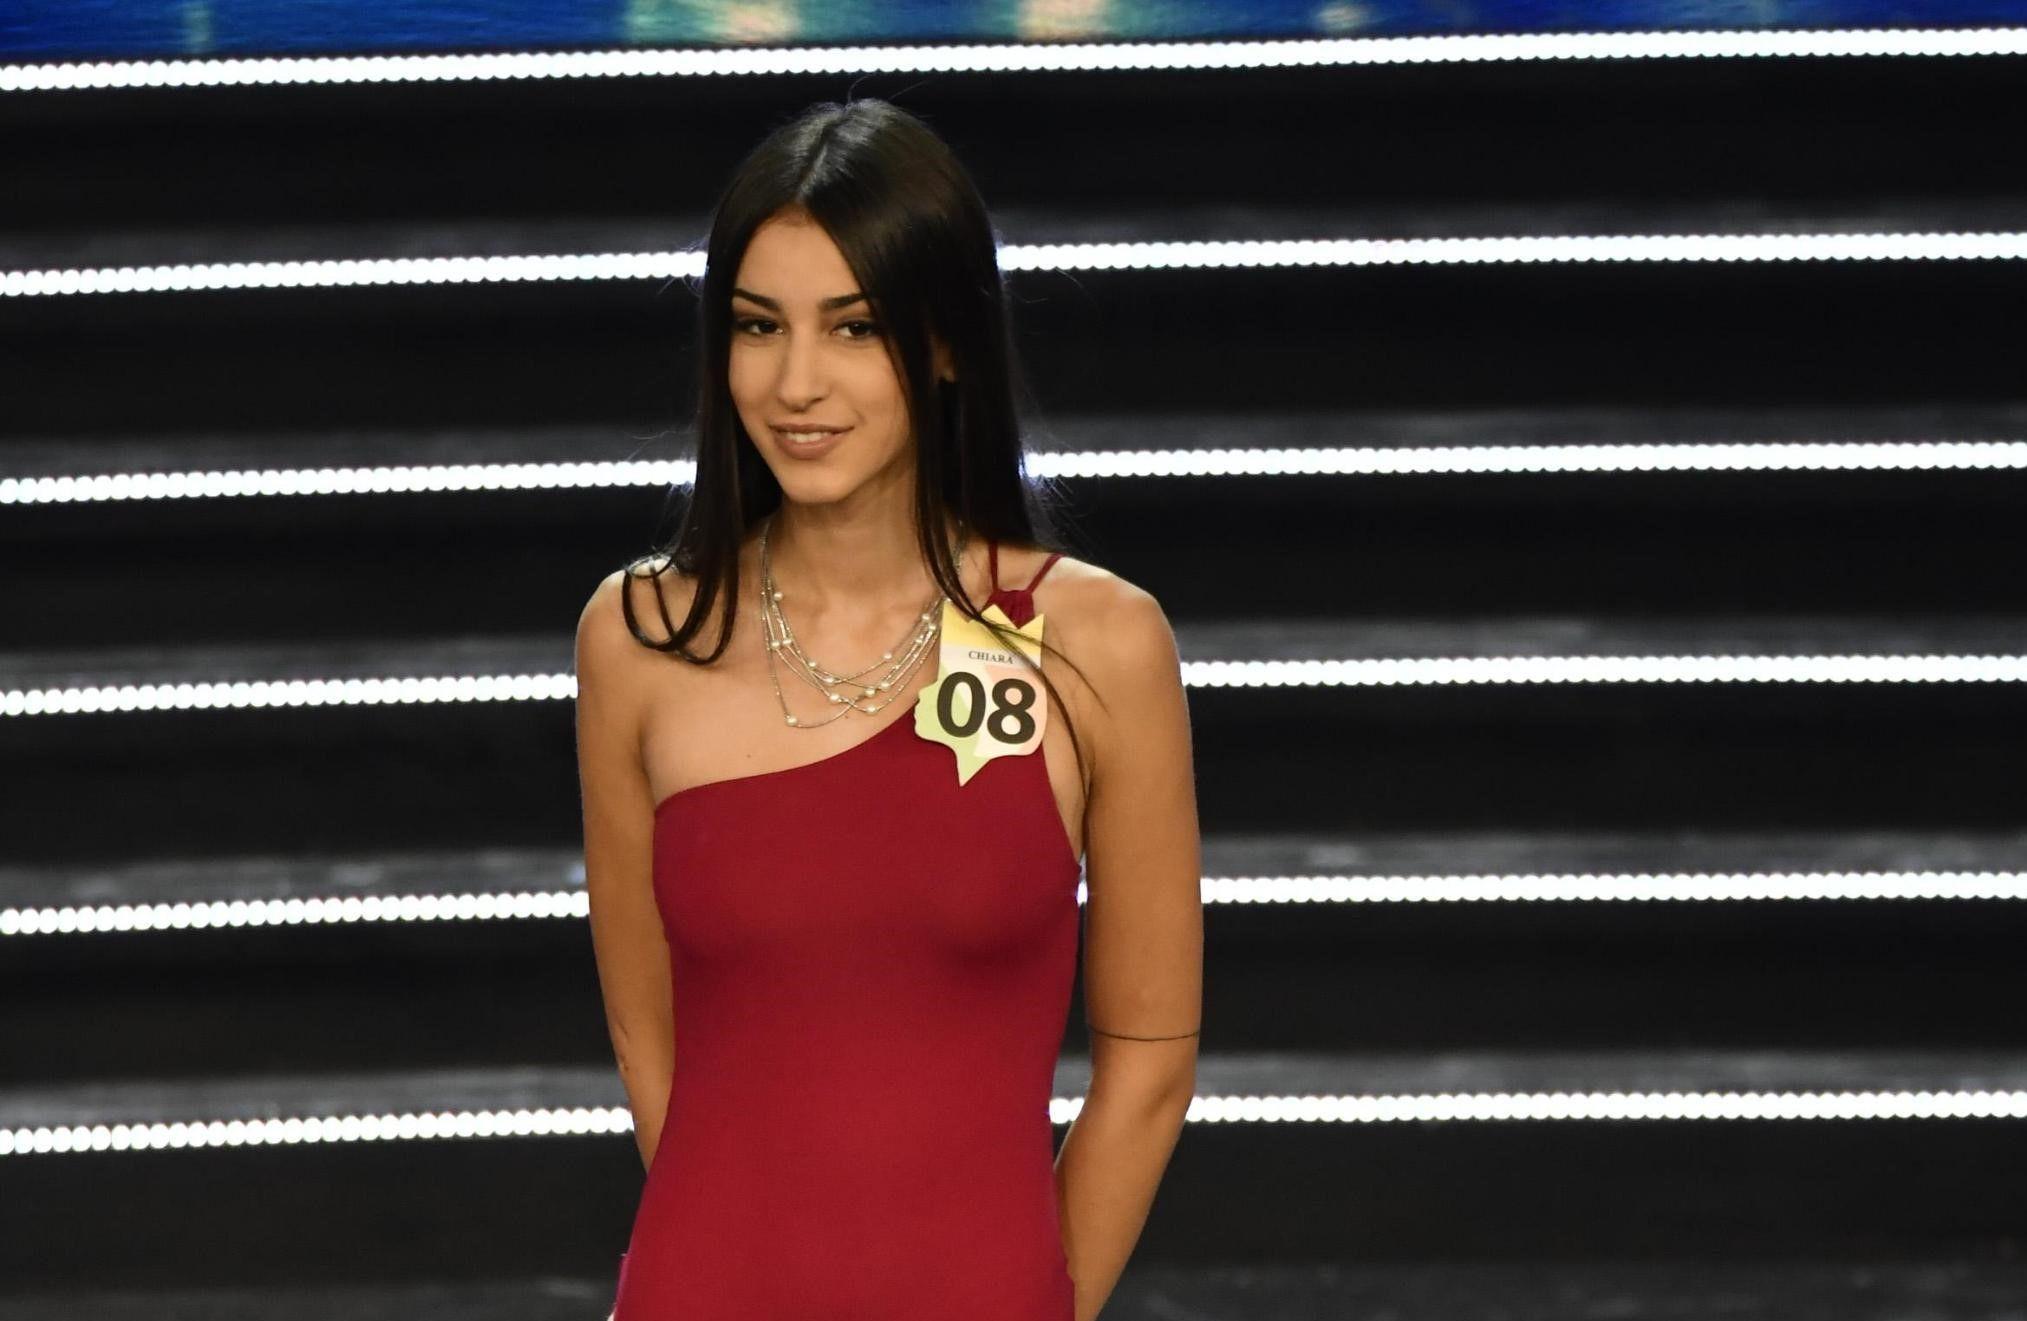 Chiara Bordi, terza classificata a Miss Italia 2018: 'La protesi è stata un nuovo inizio'